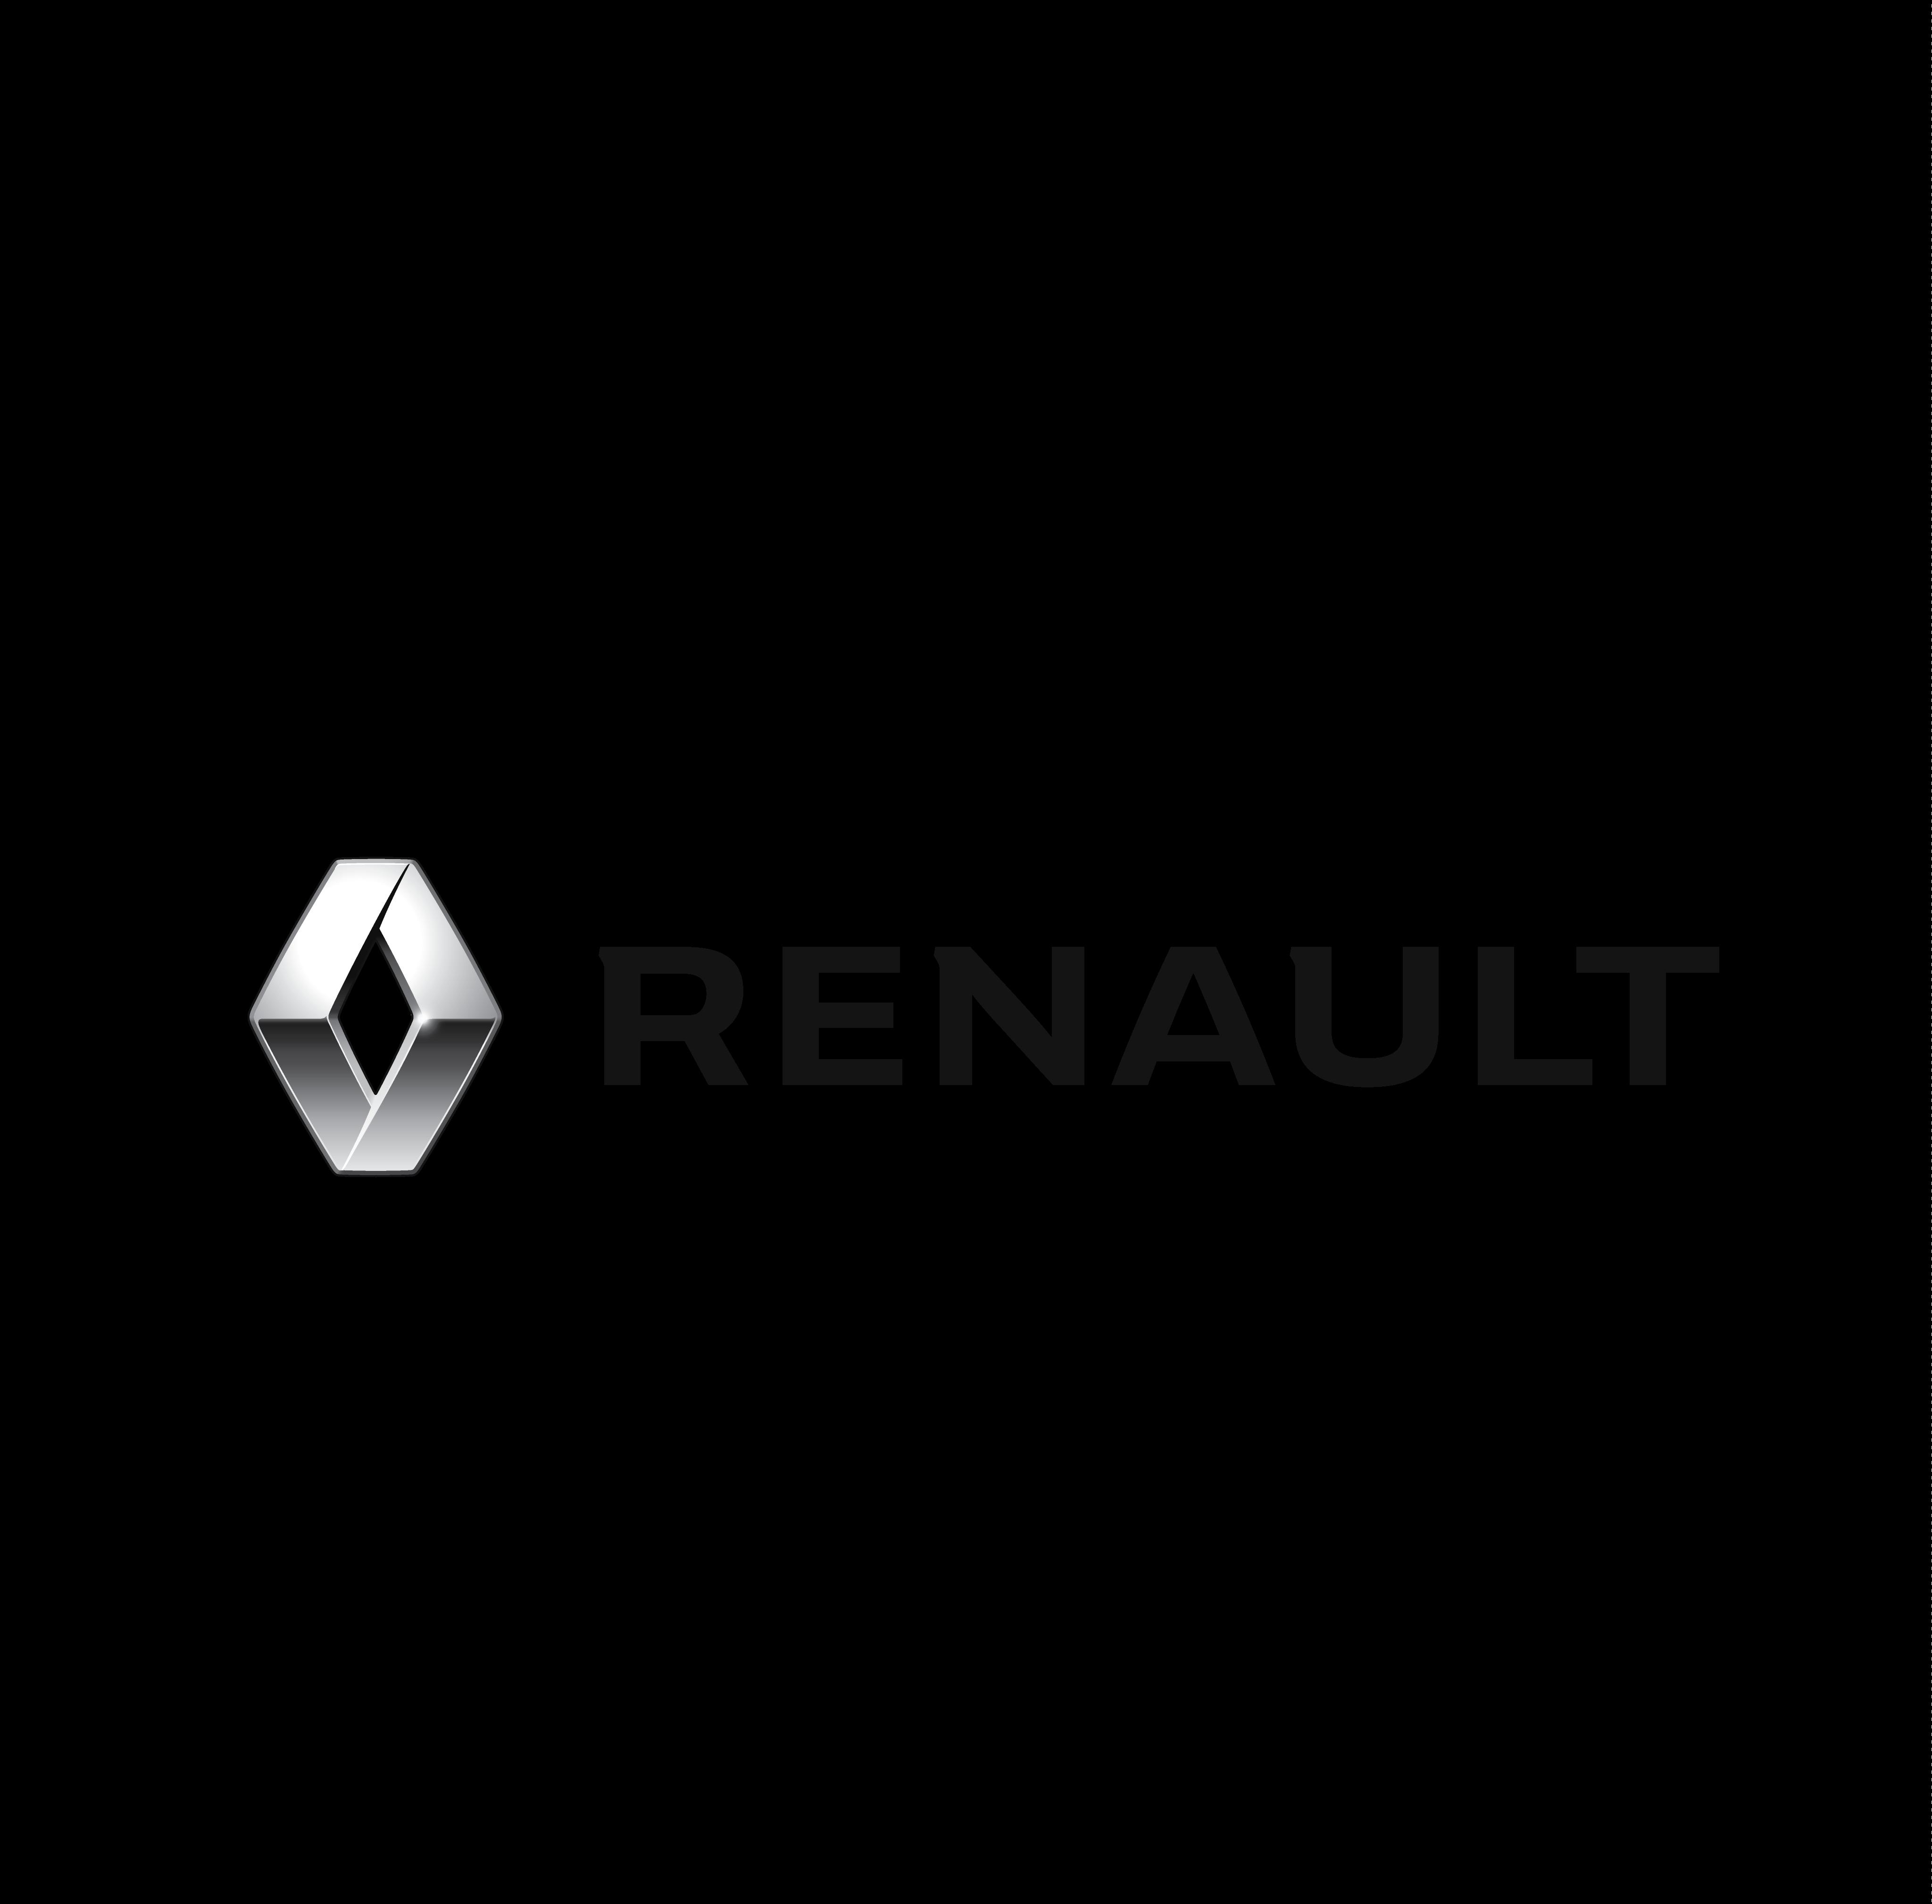 renault logo 0 - Renault Logo